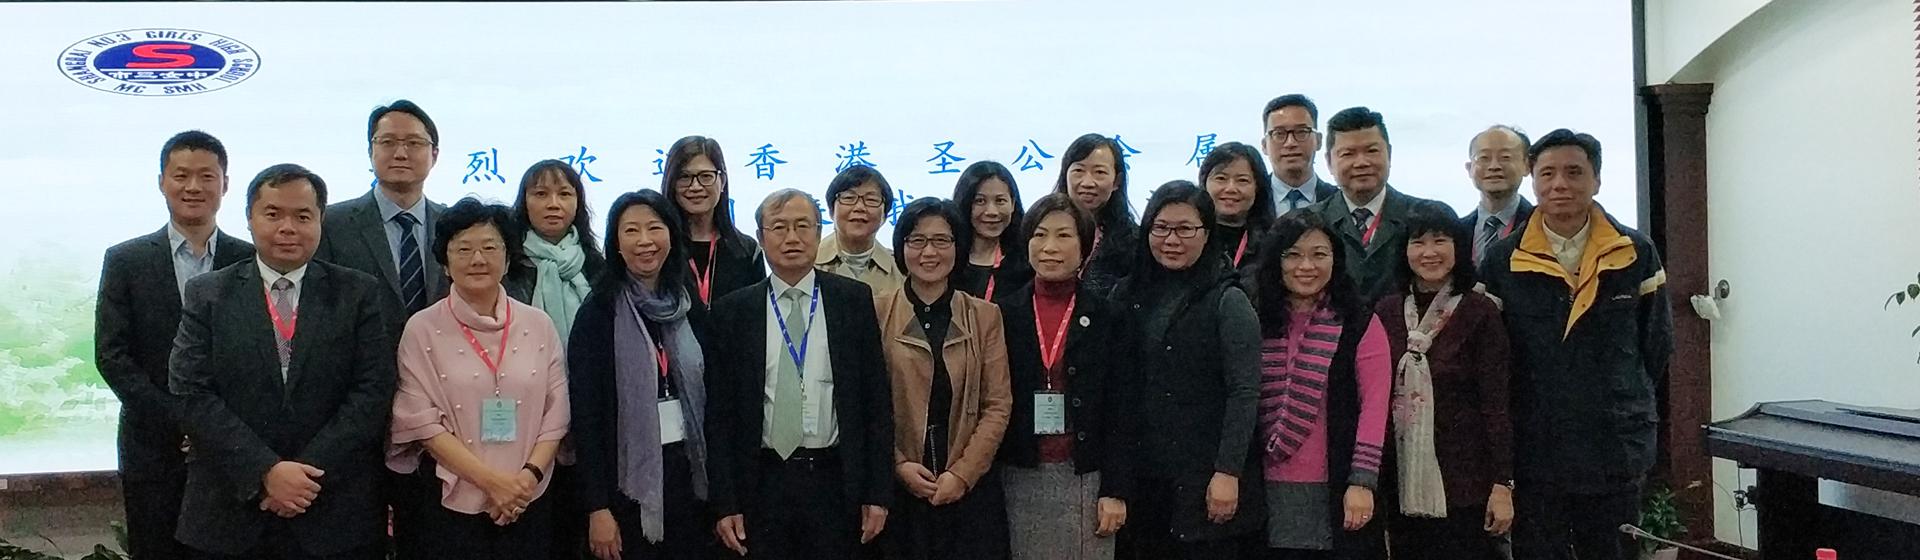 2018香港圣公会属校校长团访问上海